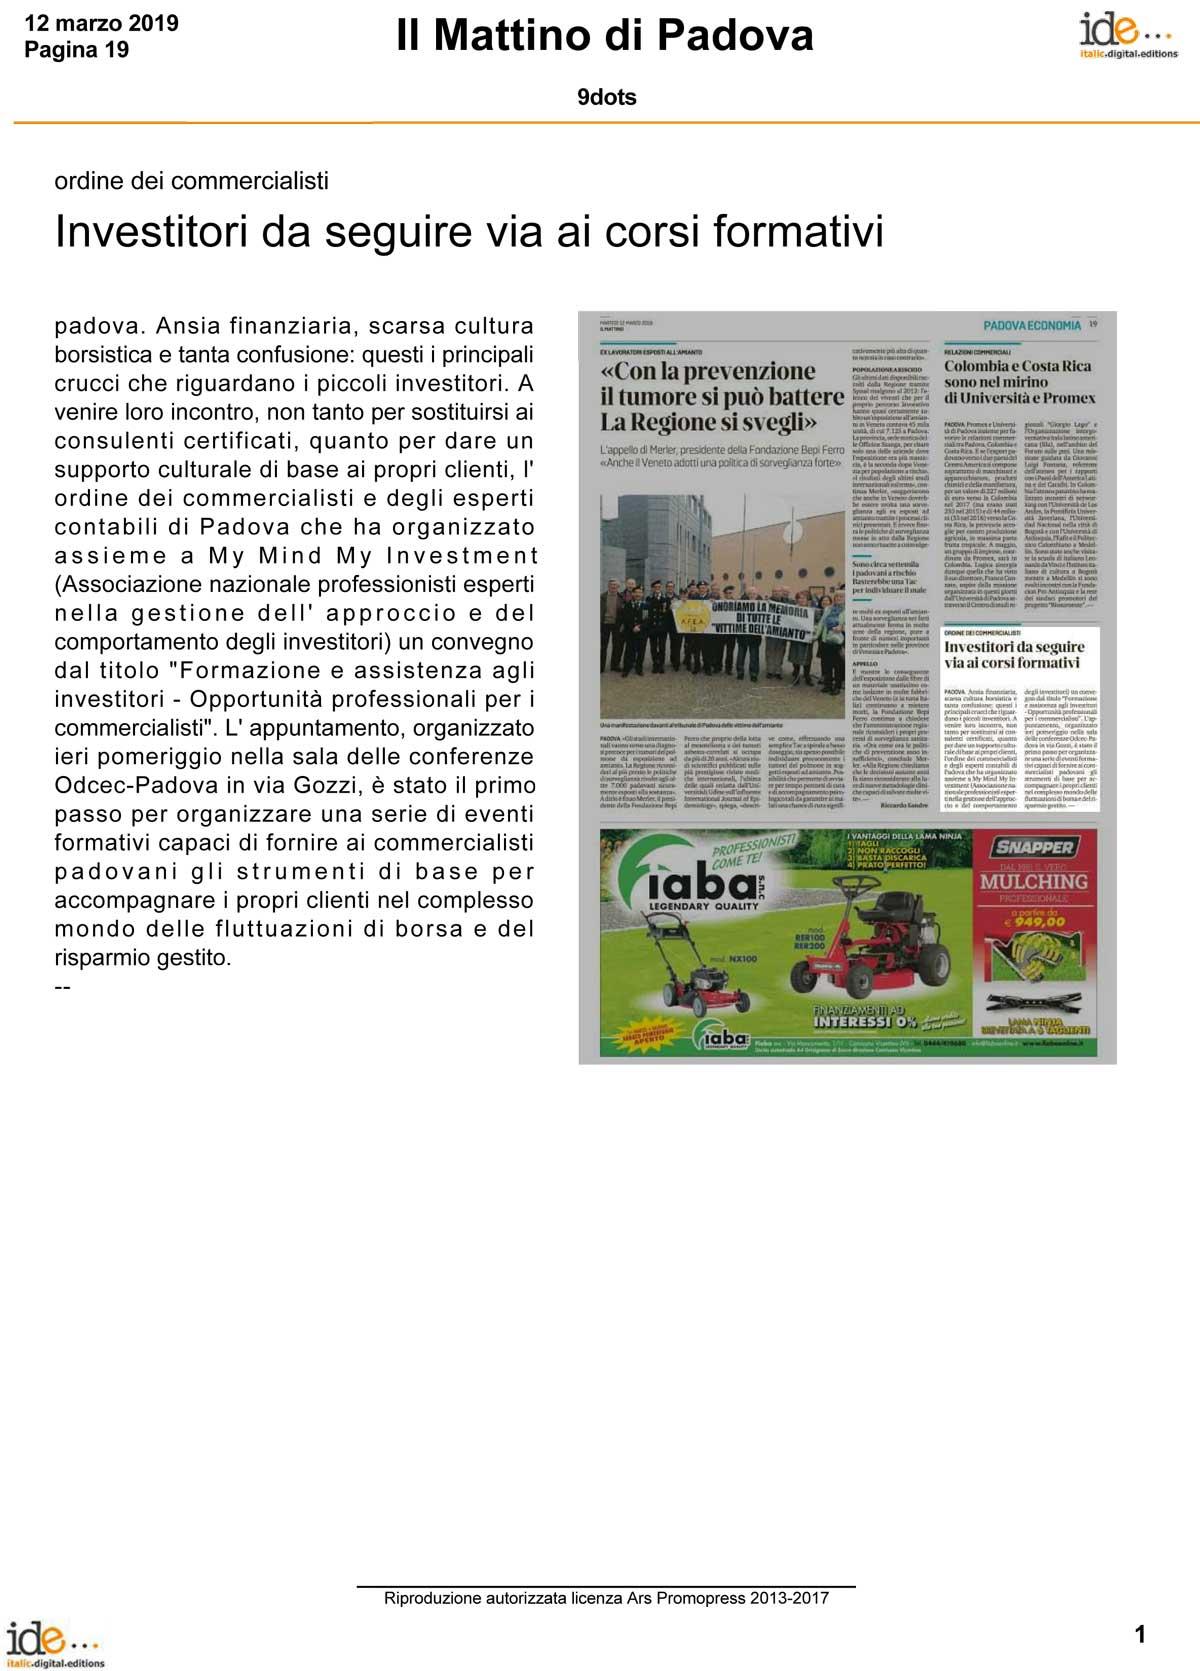 Convegno 9dots per l'ordine dei commercialisti di Padova